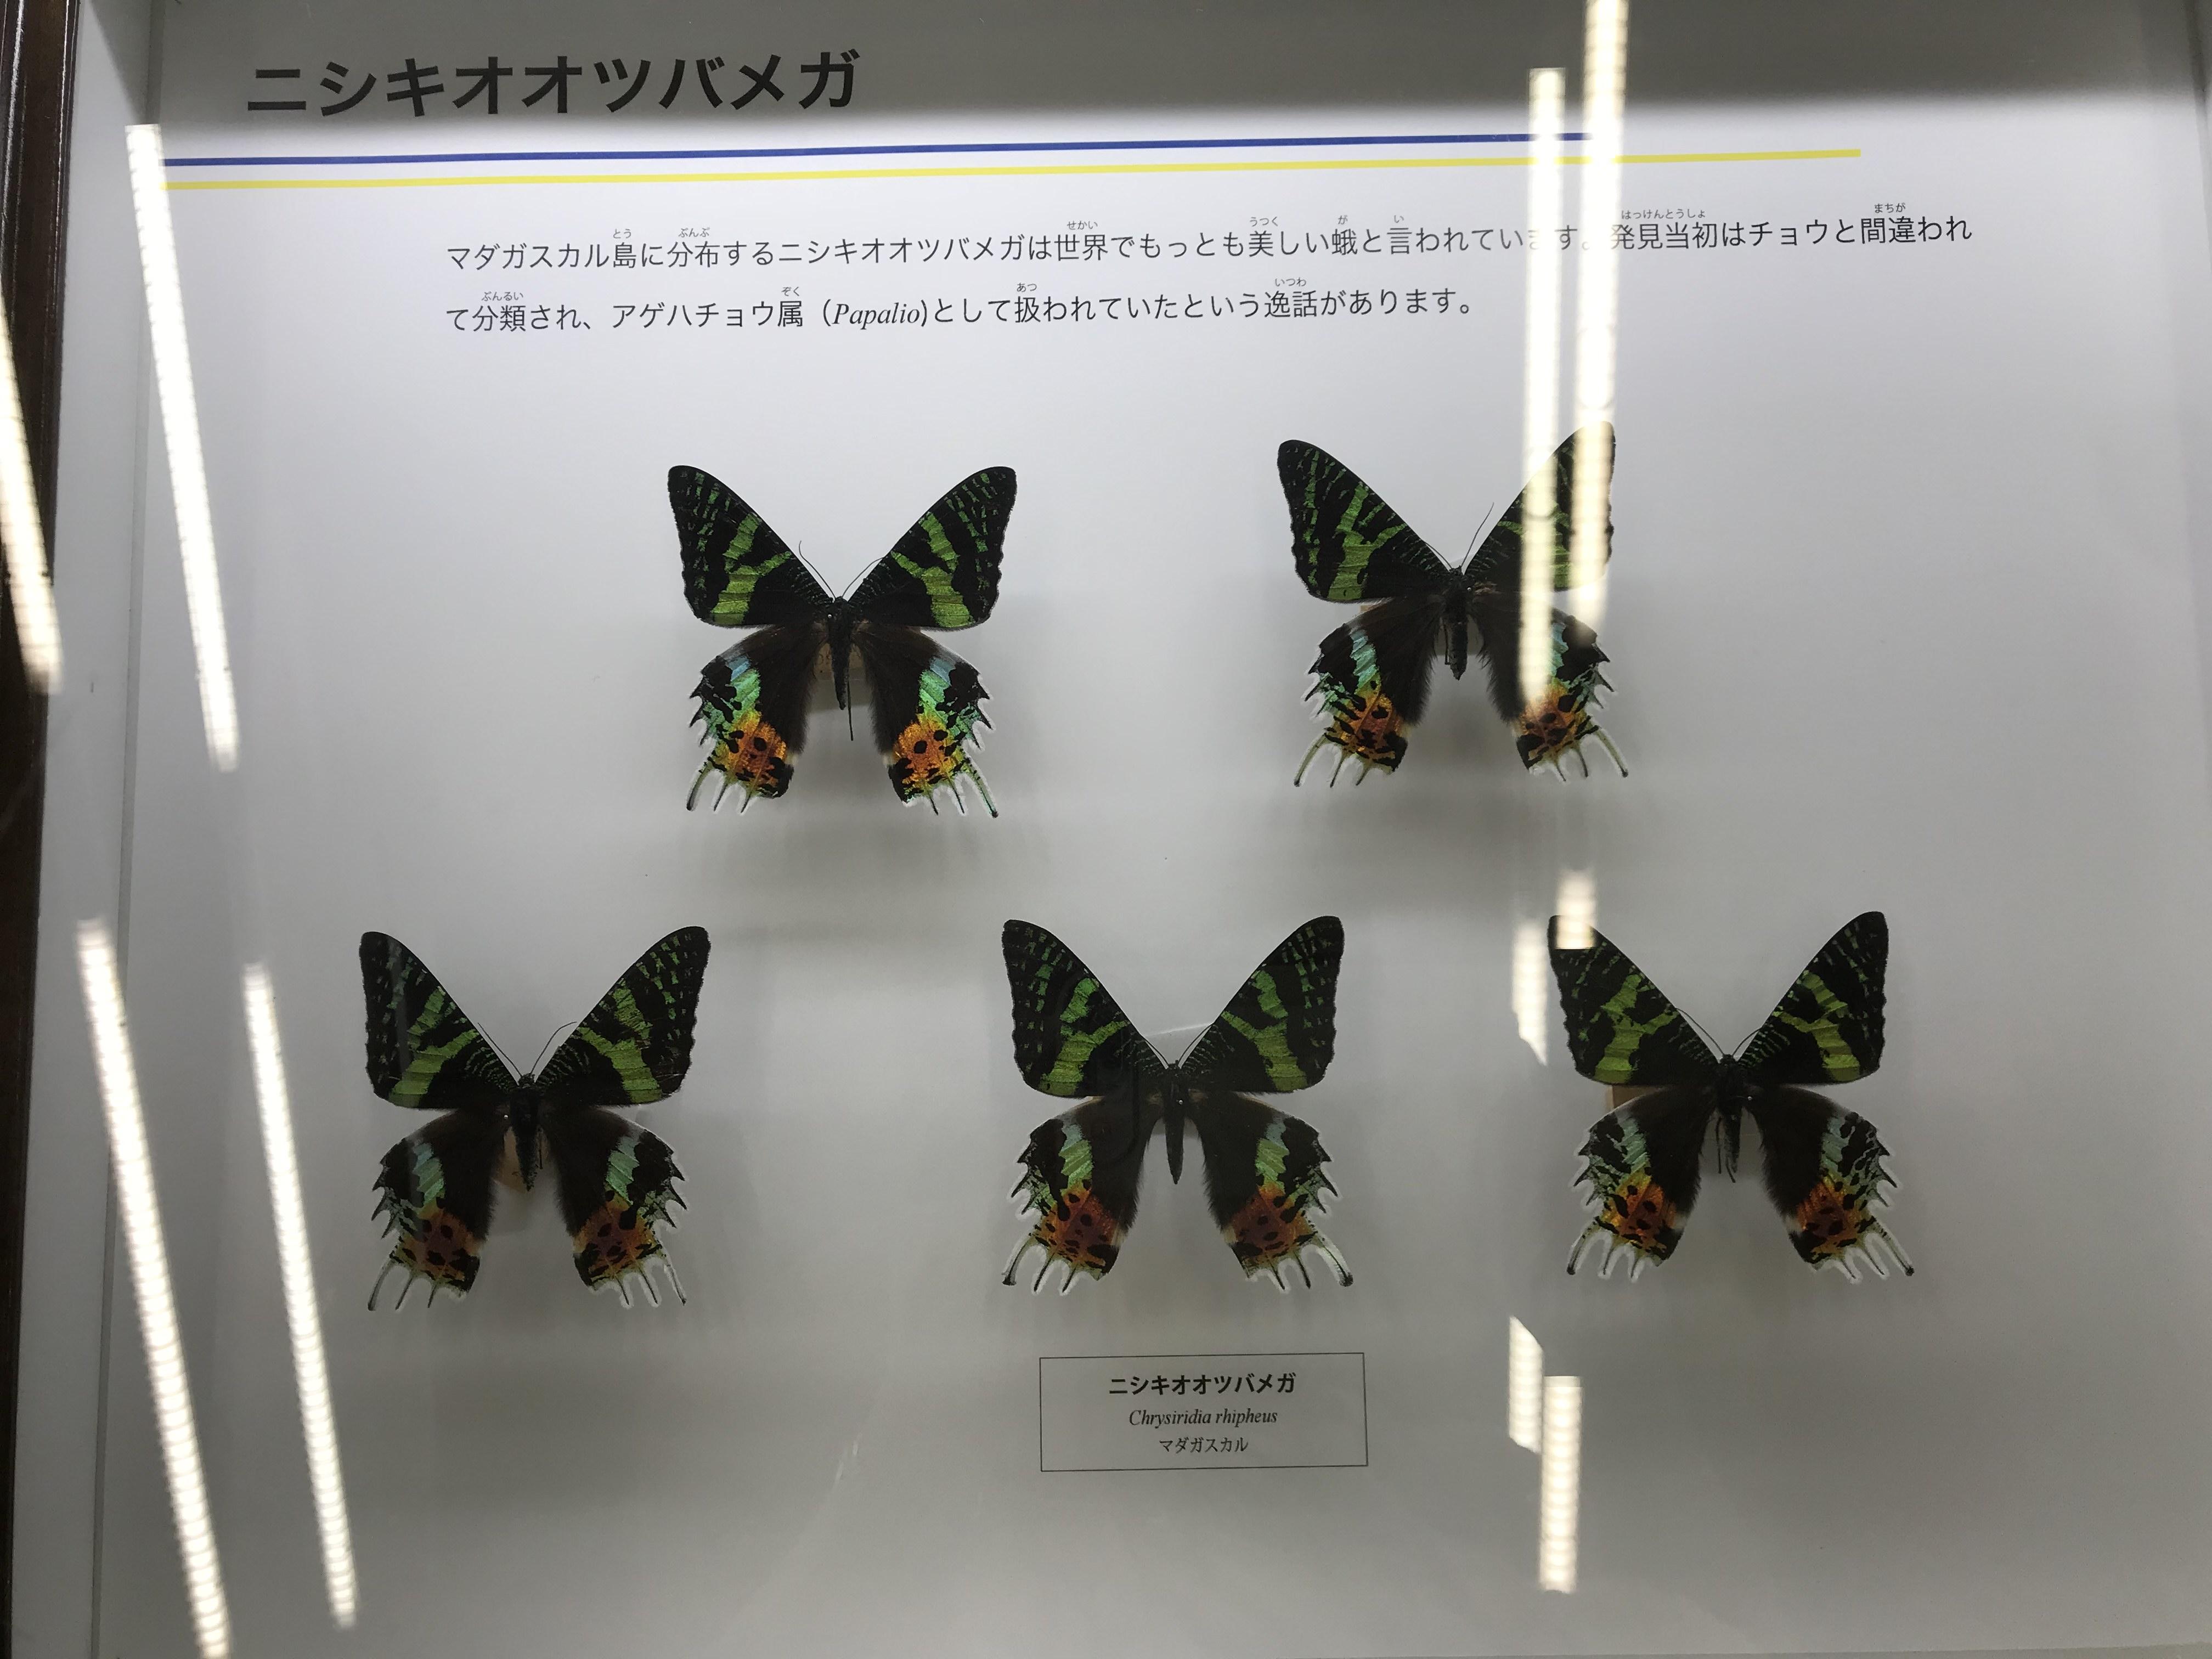 昆虫博物館 蝶々 標本